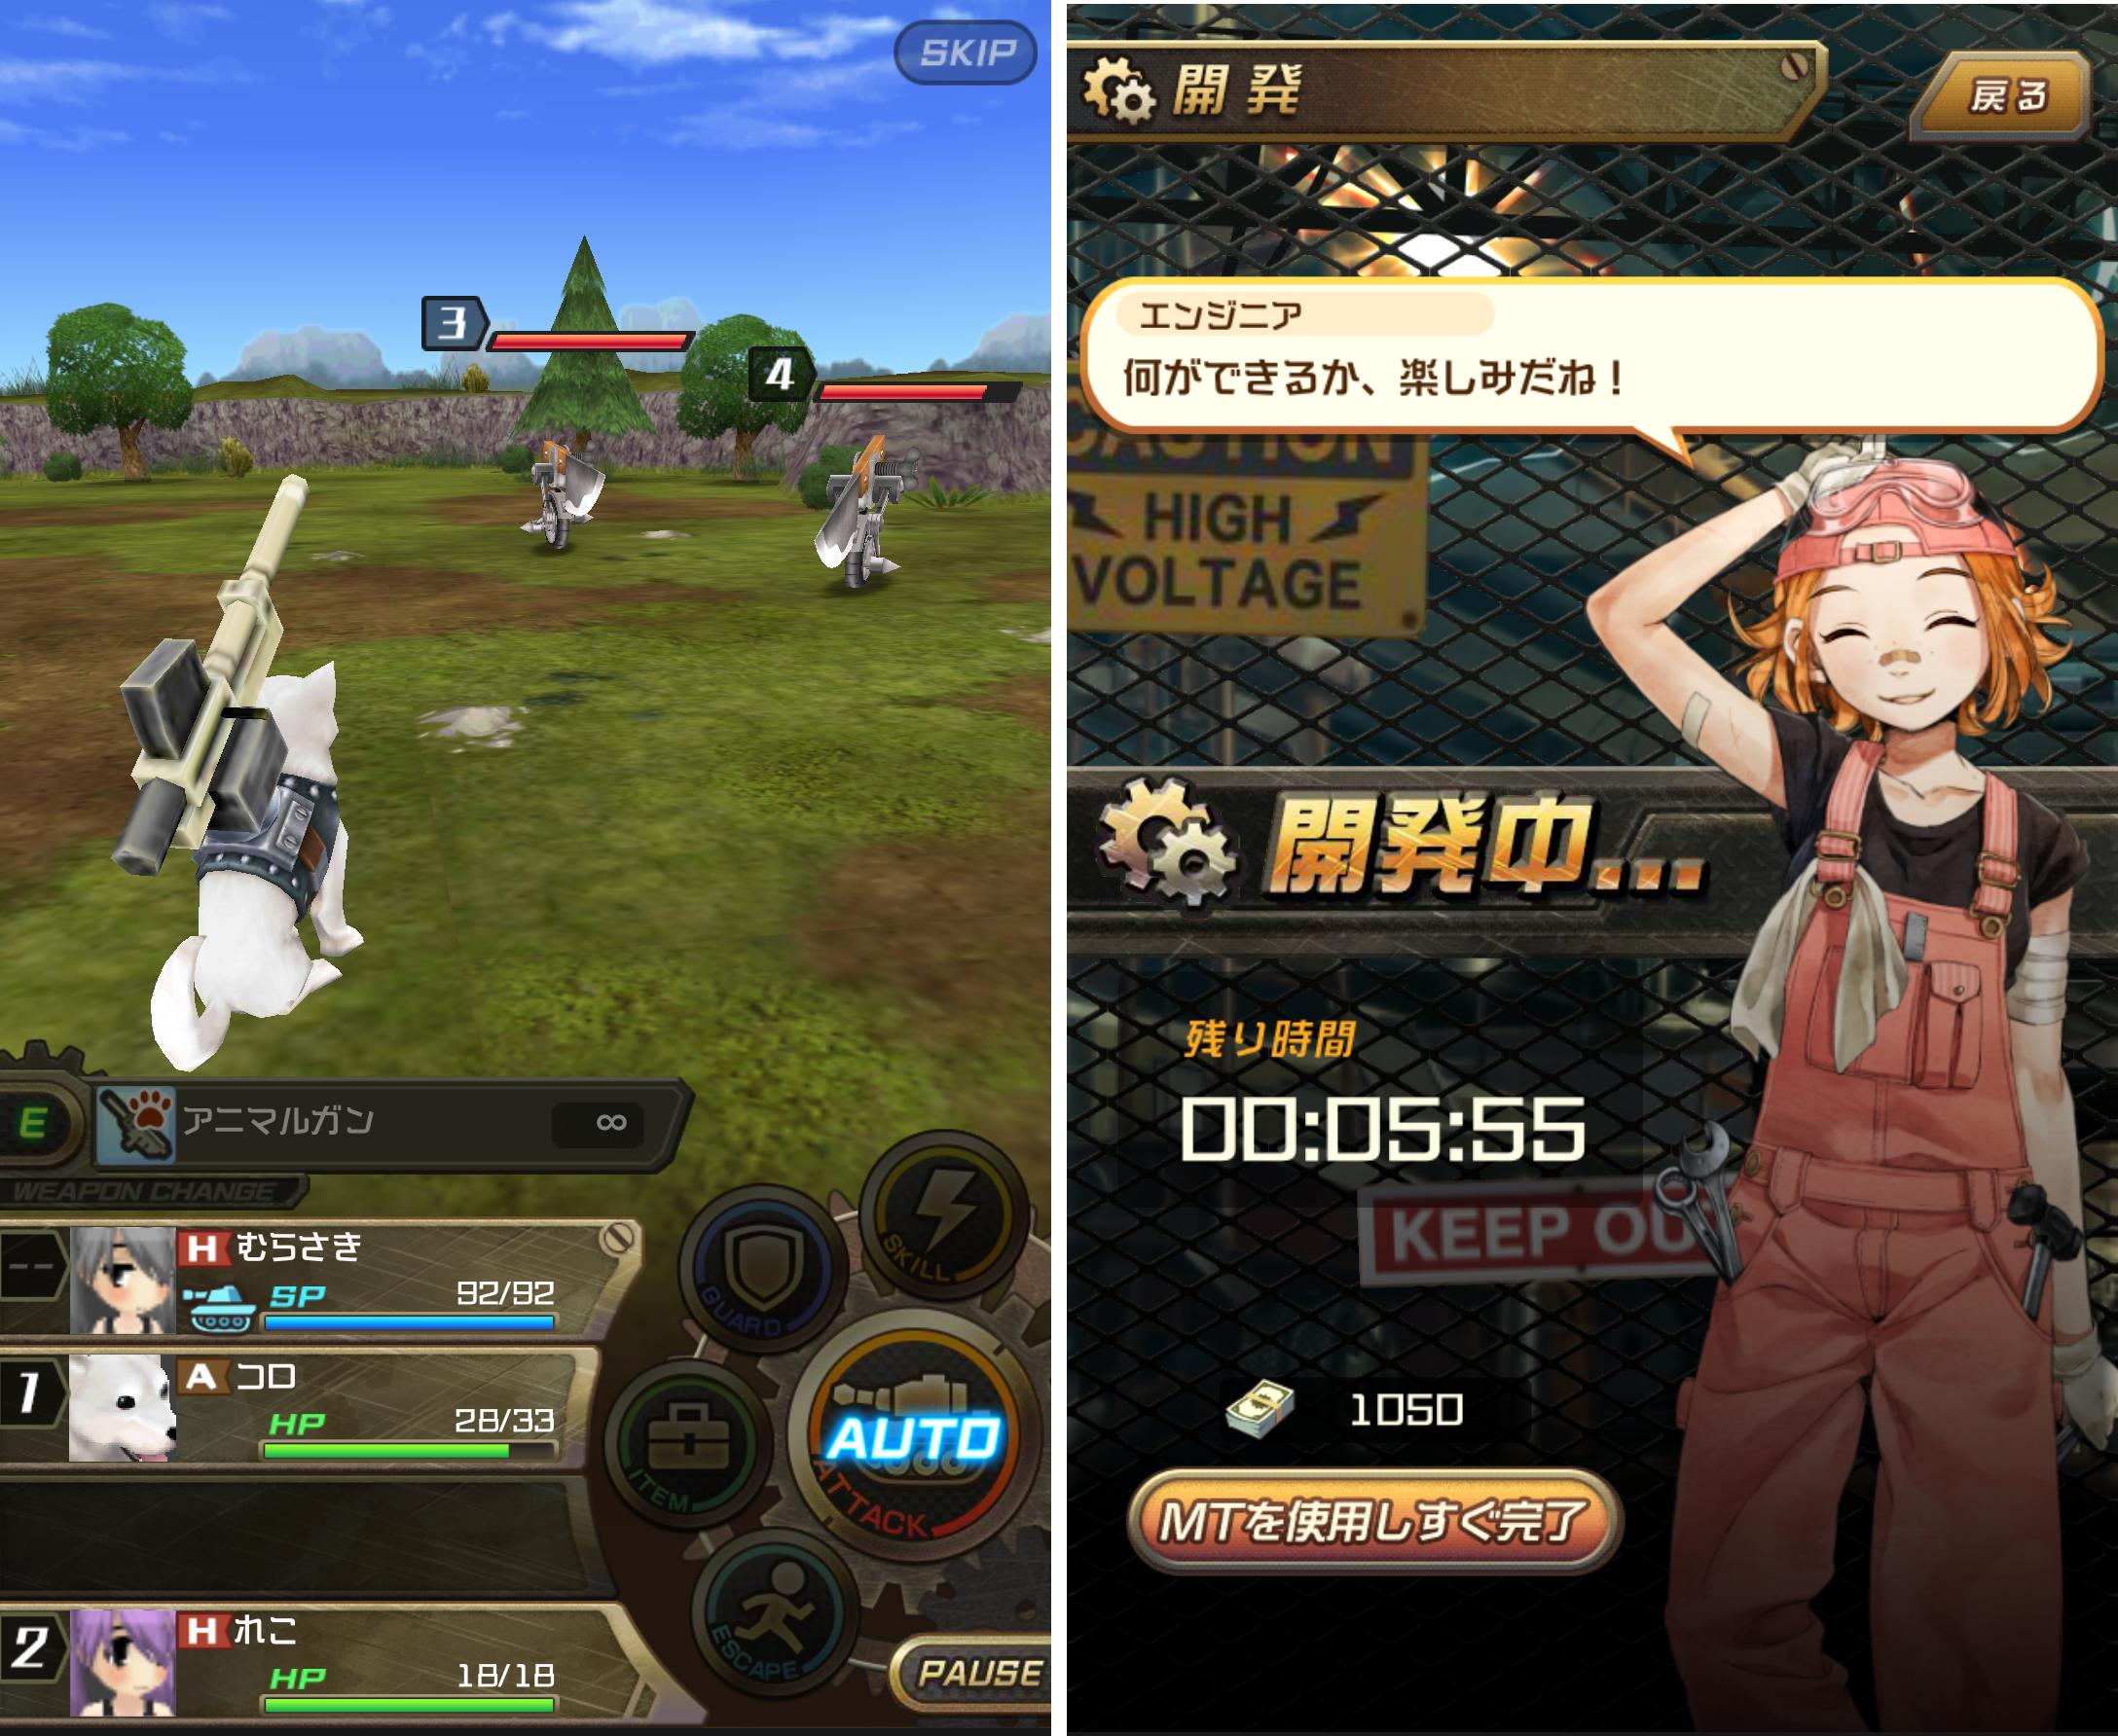 メタルサーガ  荒野の方舟 androidアプリスクリーンショット3